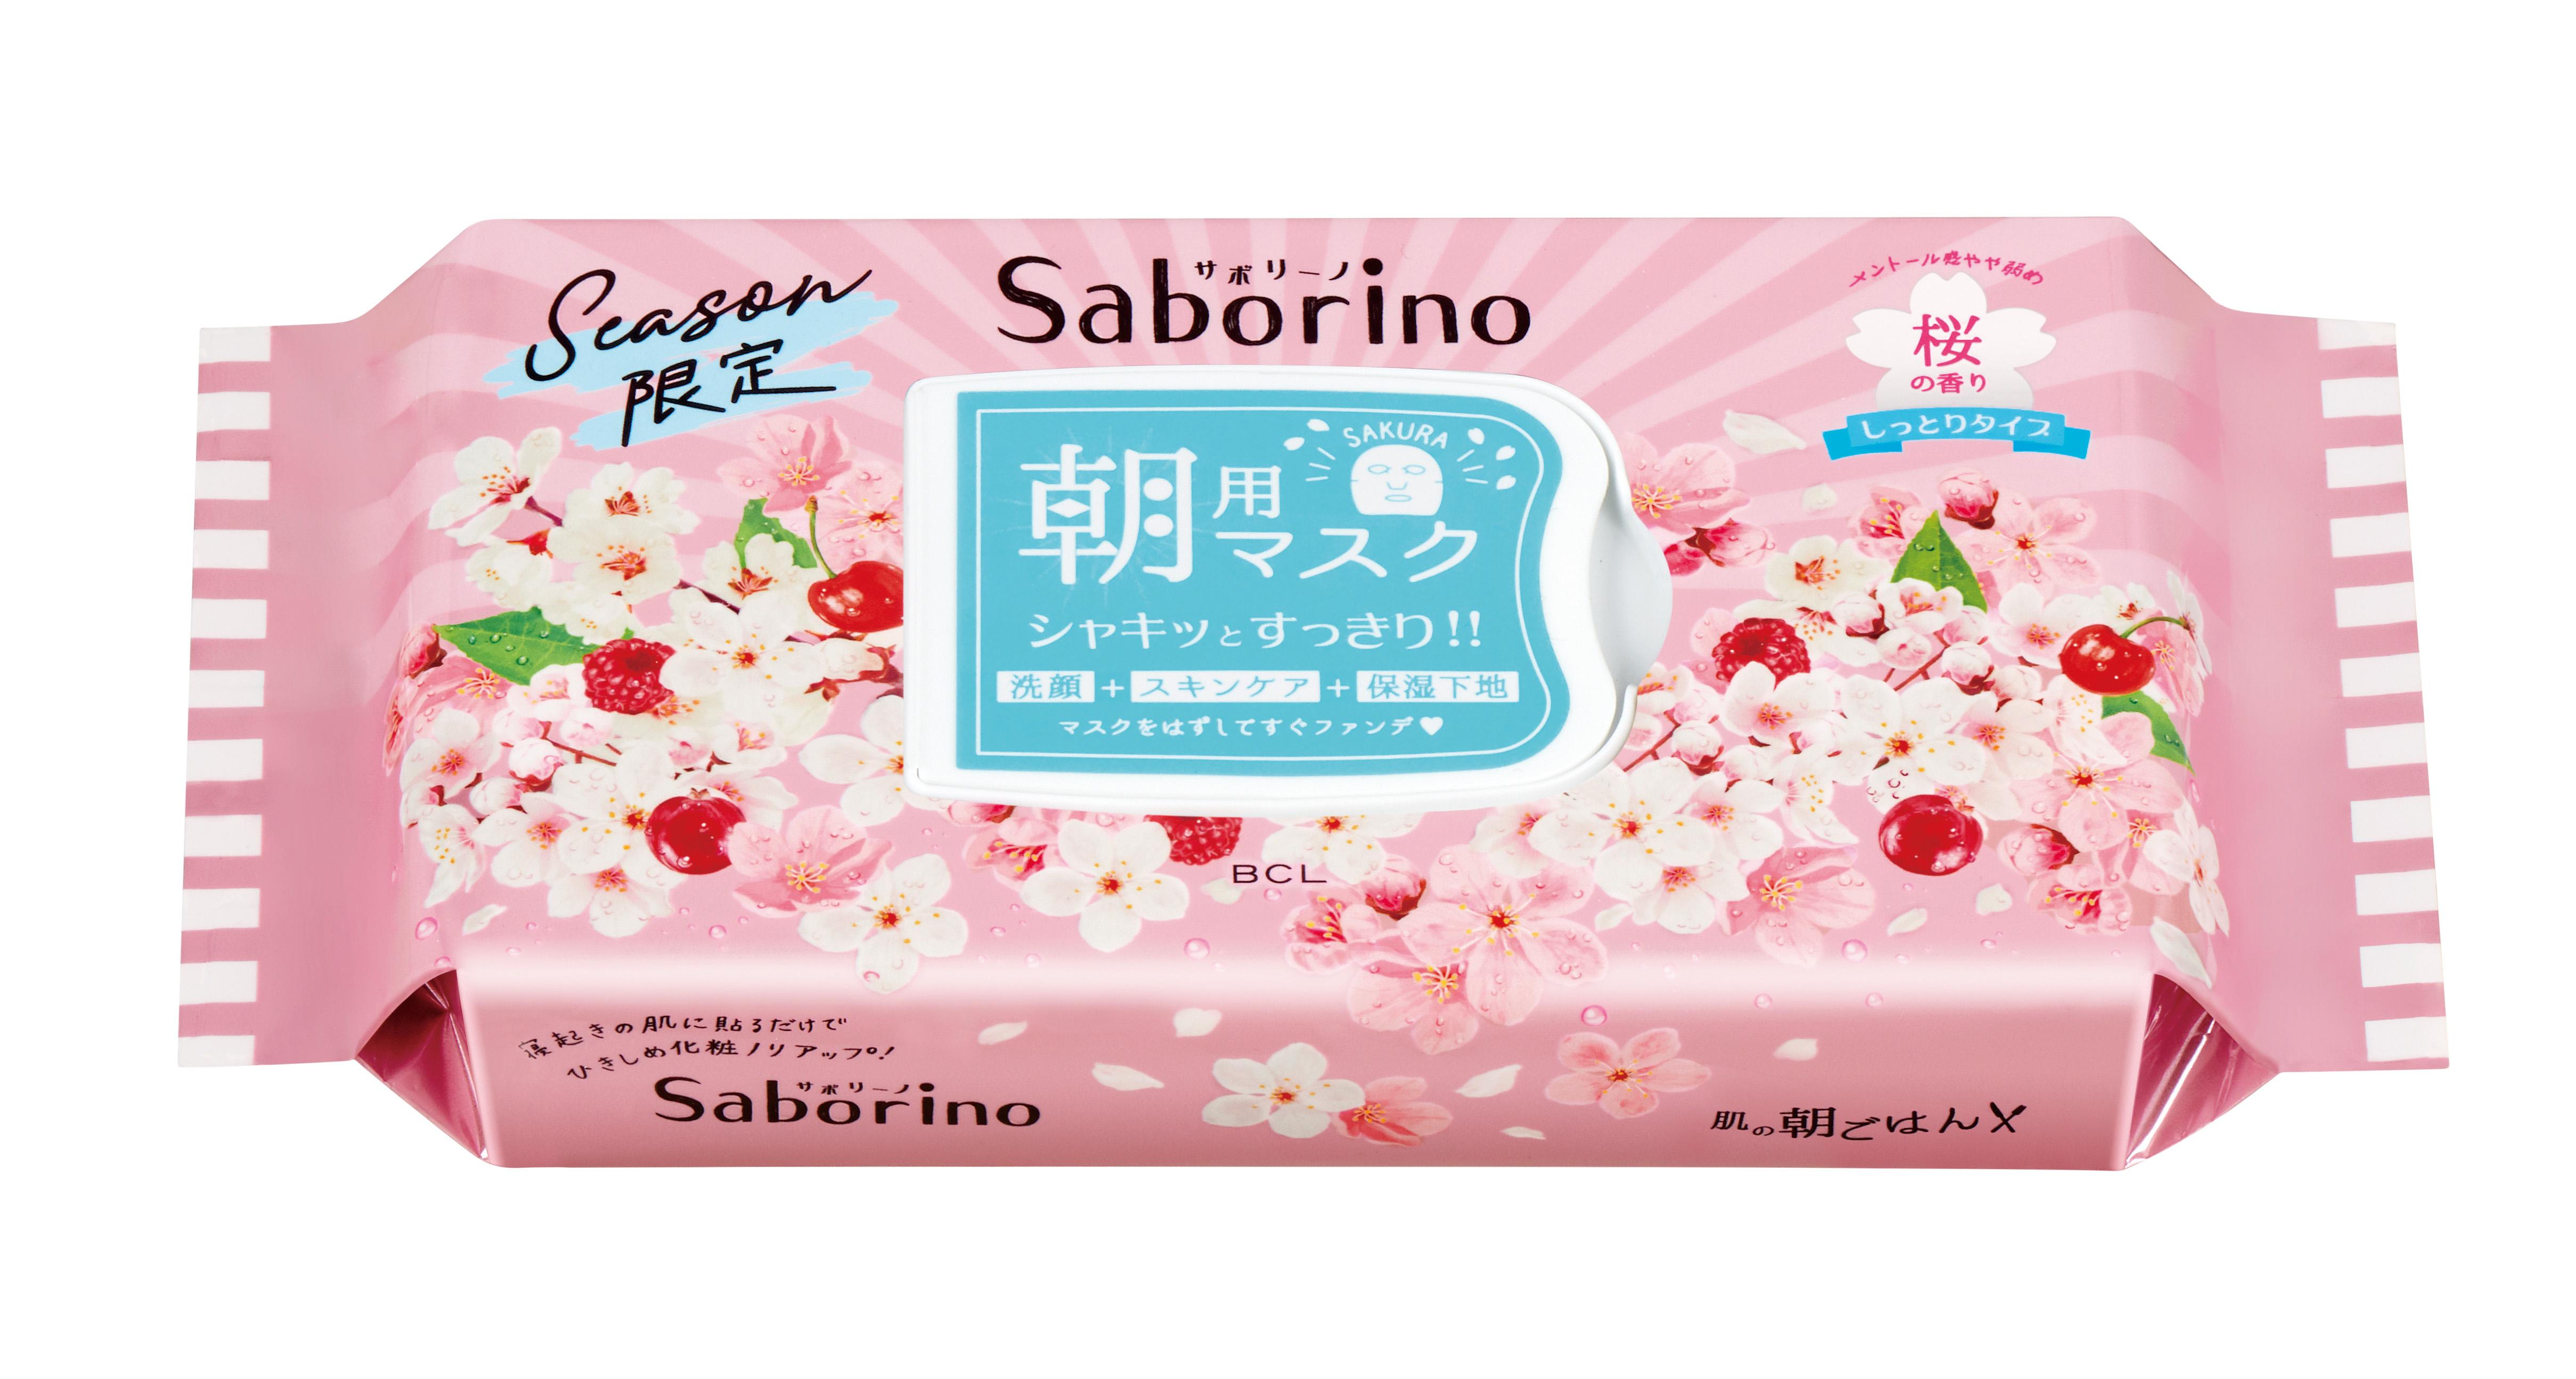 朝用マスク「サボリーノ」から限定発売。桜の香り&新保湿成分で、うるおい肌へ